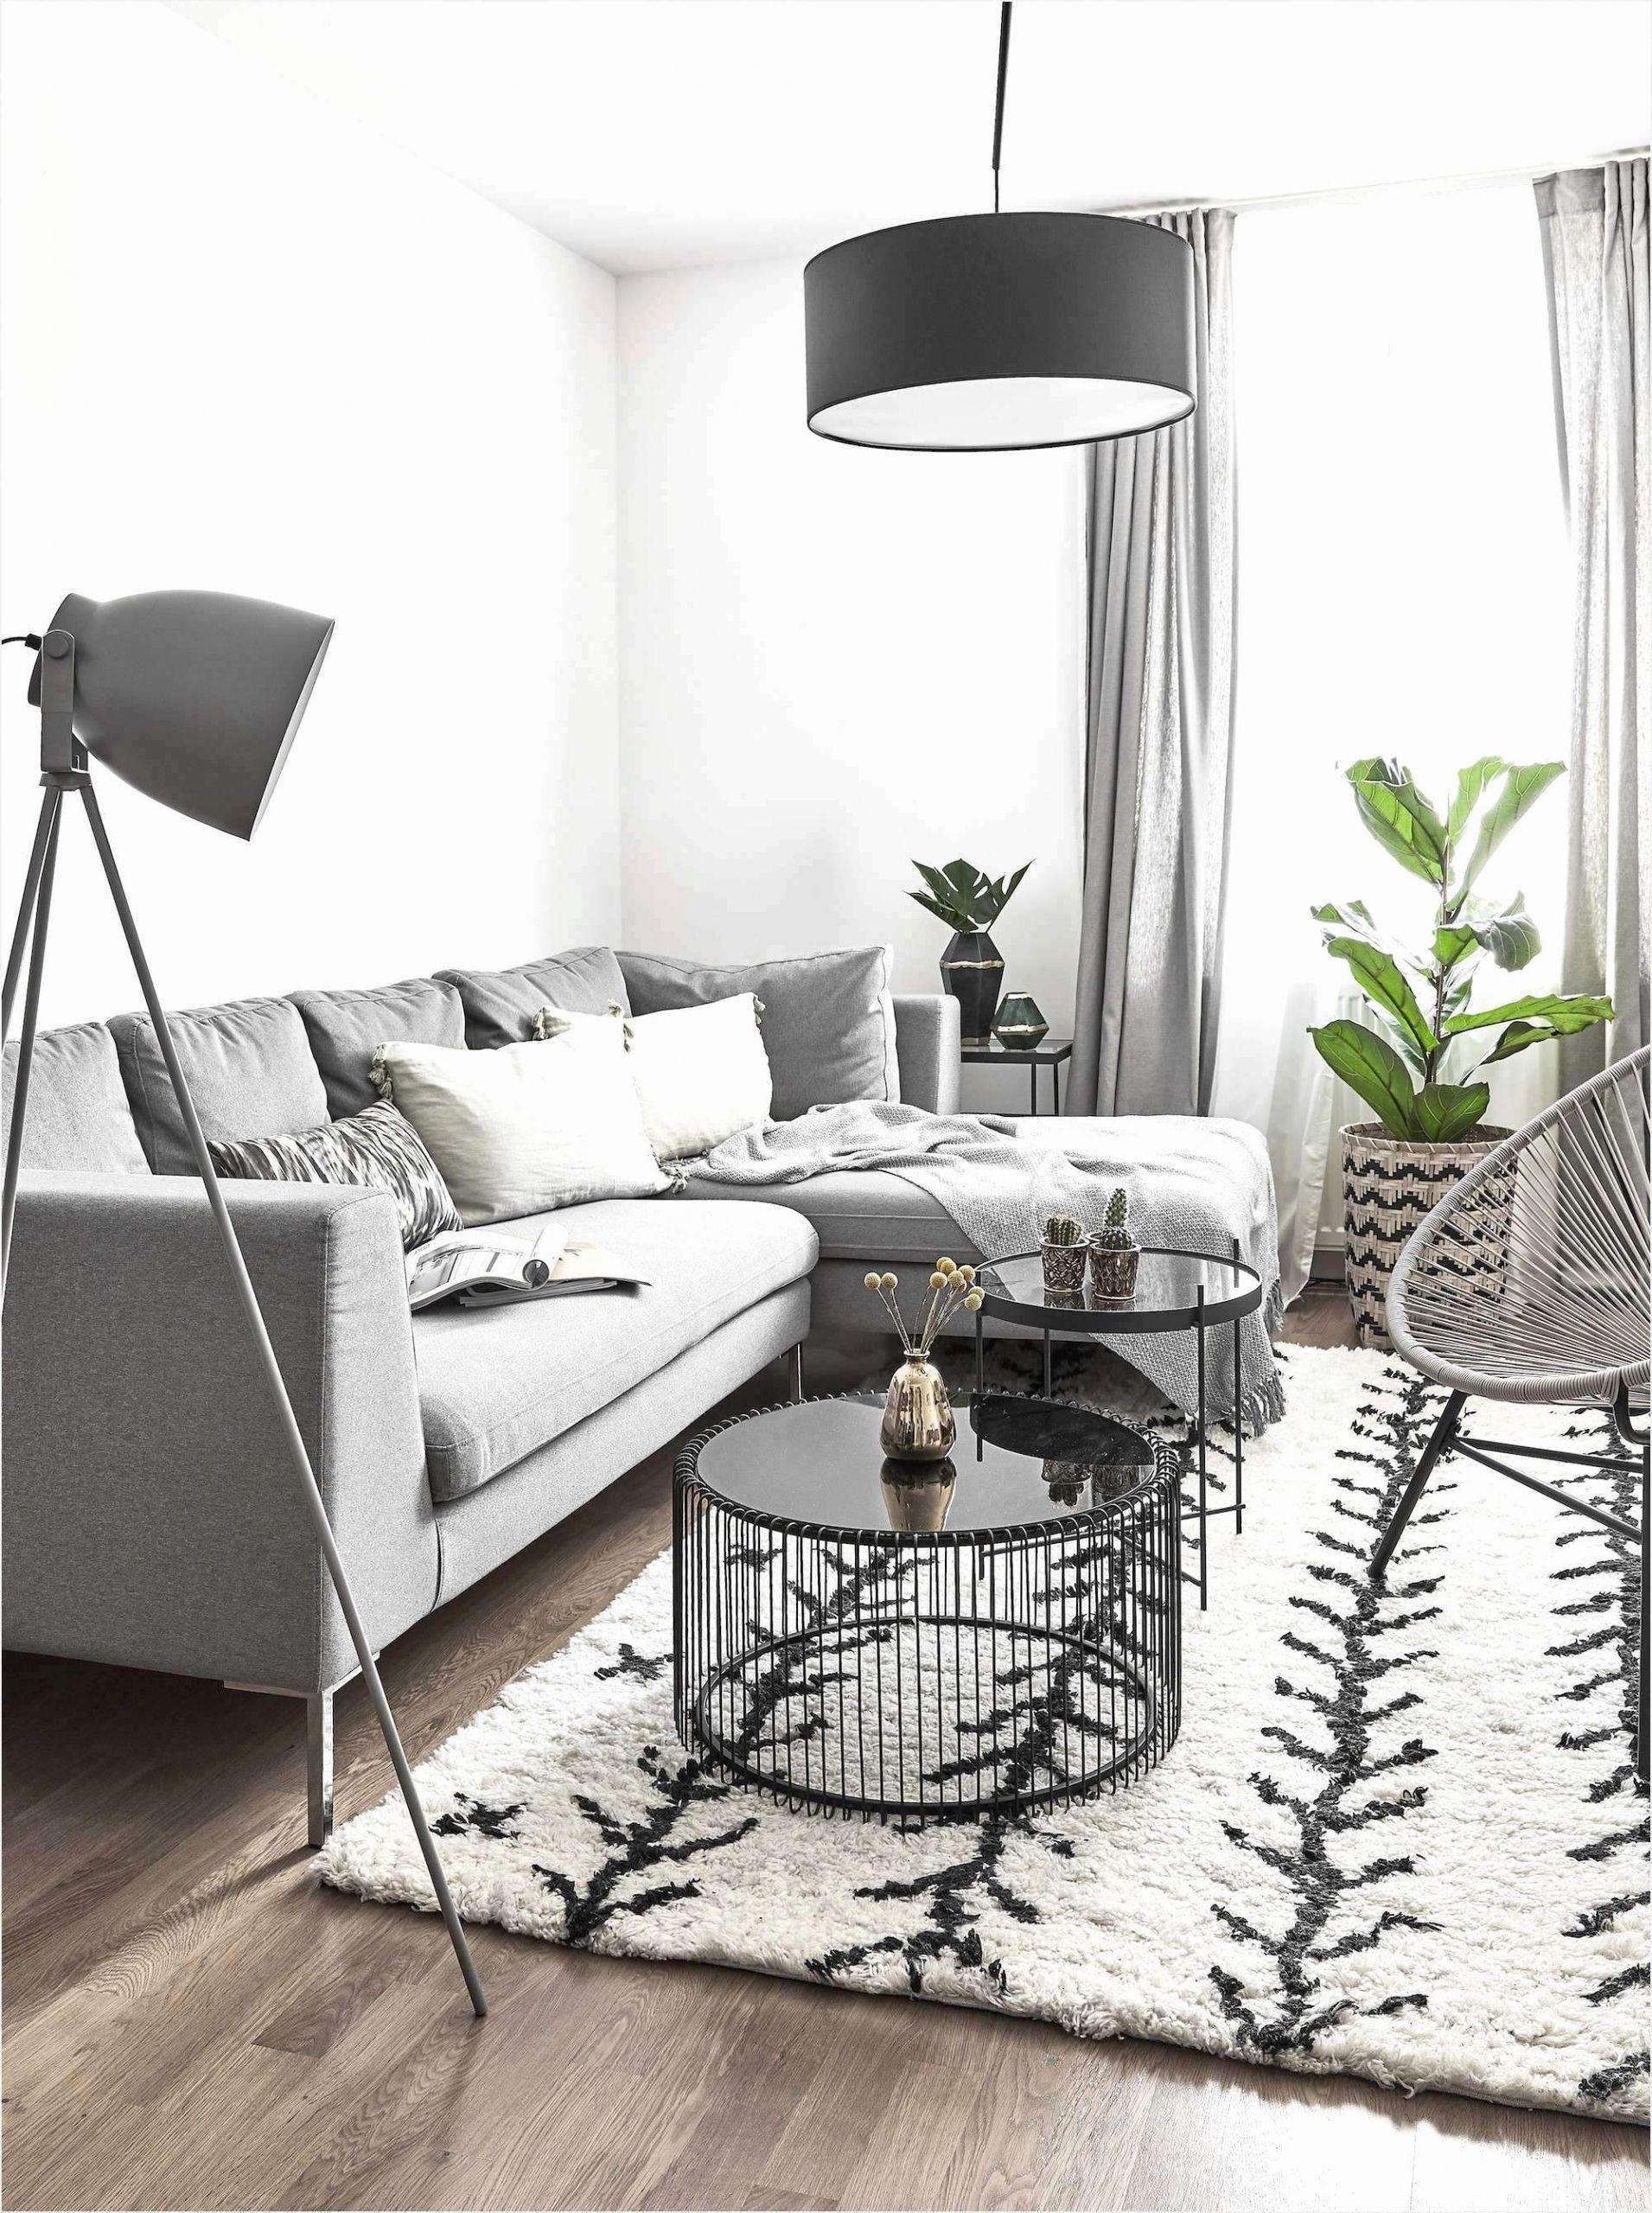 wohnzimmer deko selber machen elegant 50 schon deko ideen selber basteln dekoideen wohnzimmer of wohnzimmer deko selber machen scaled